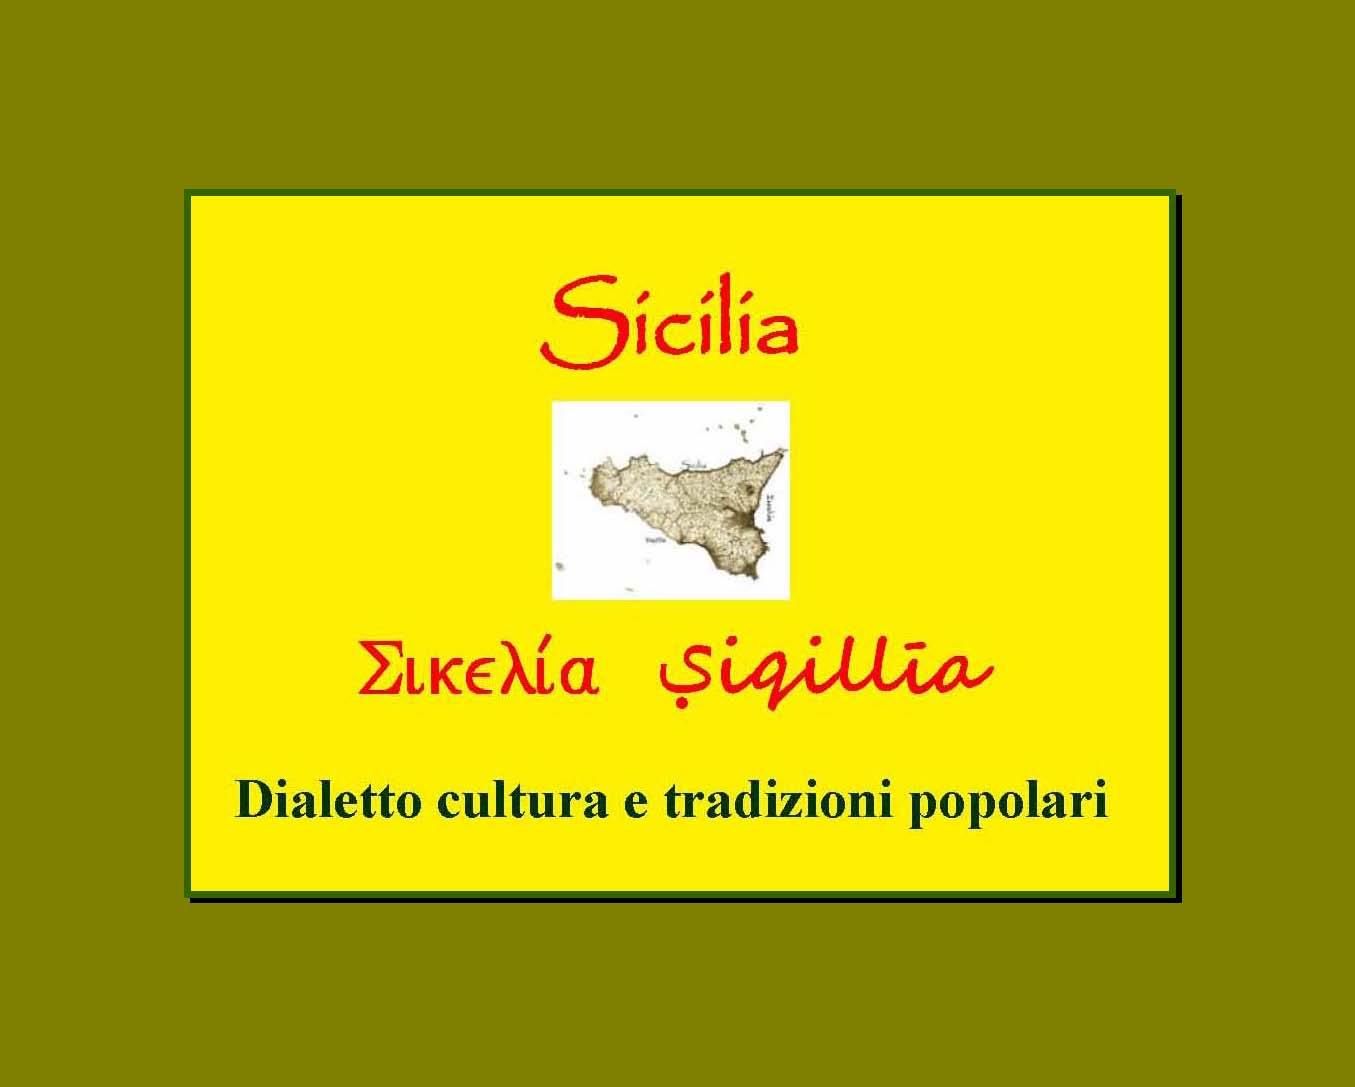 Sicilia: Dialetto cultura tradizioni